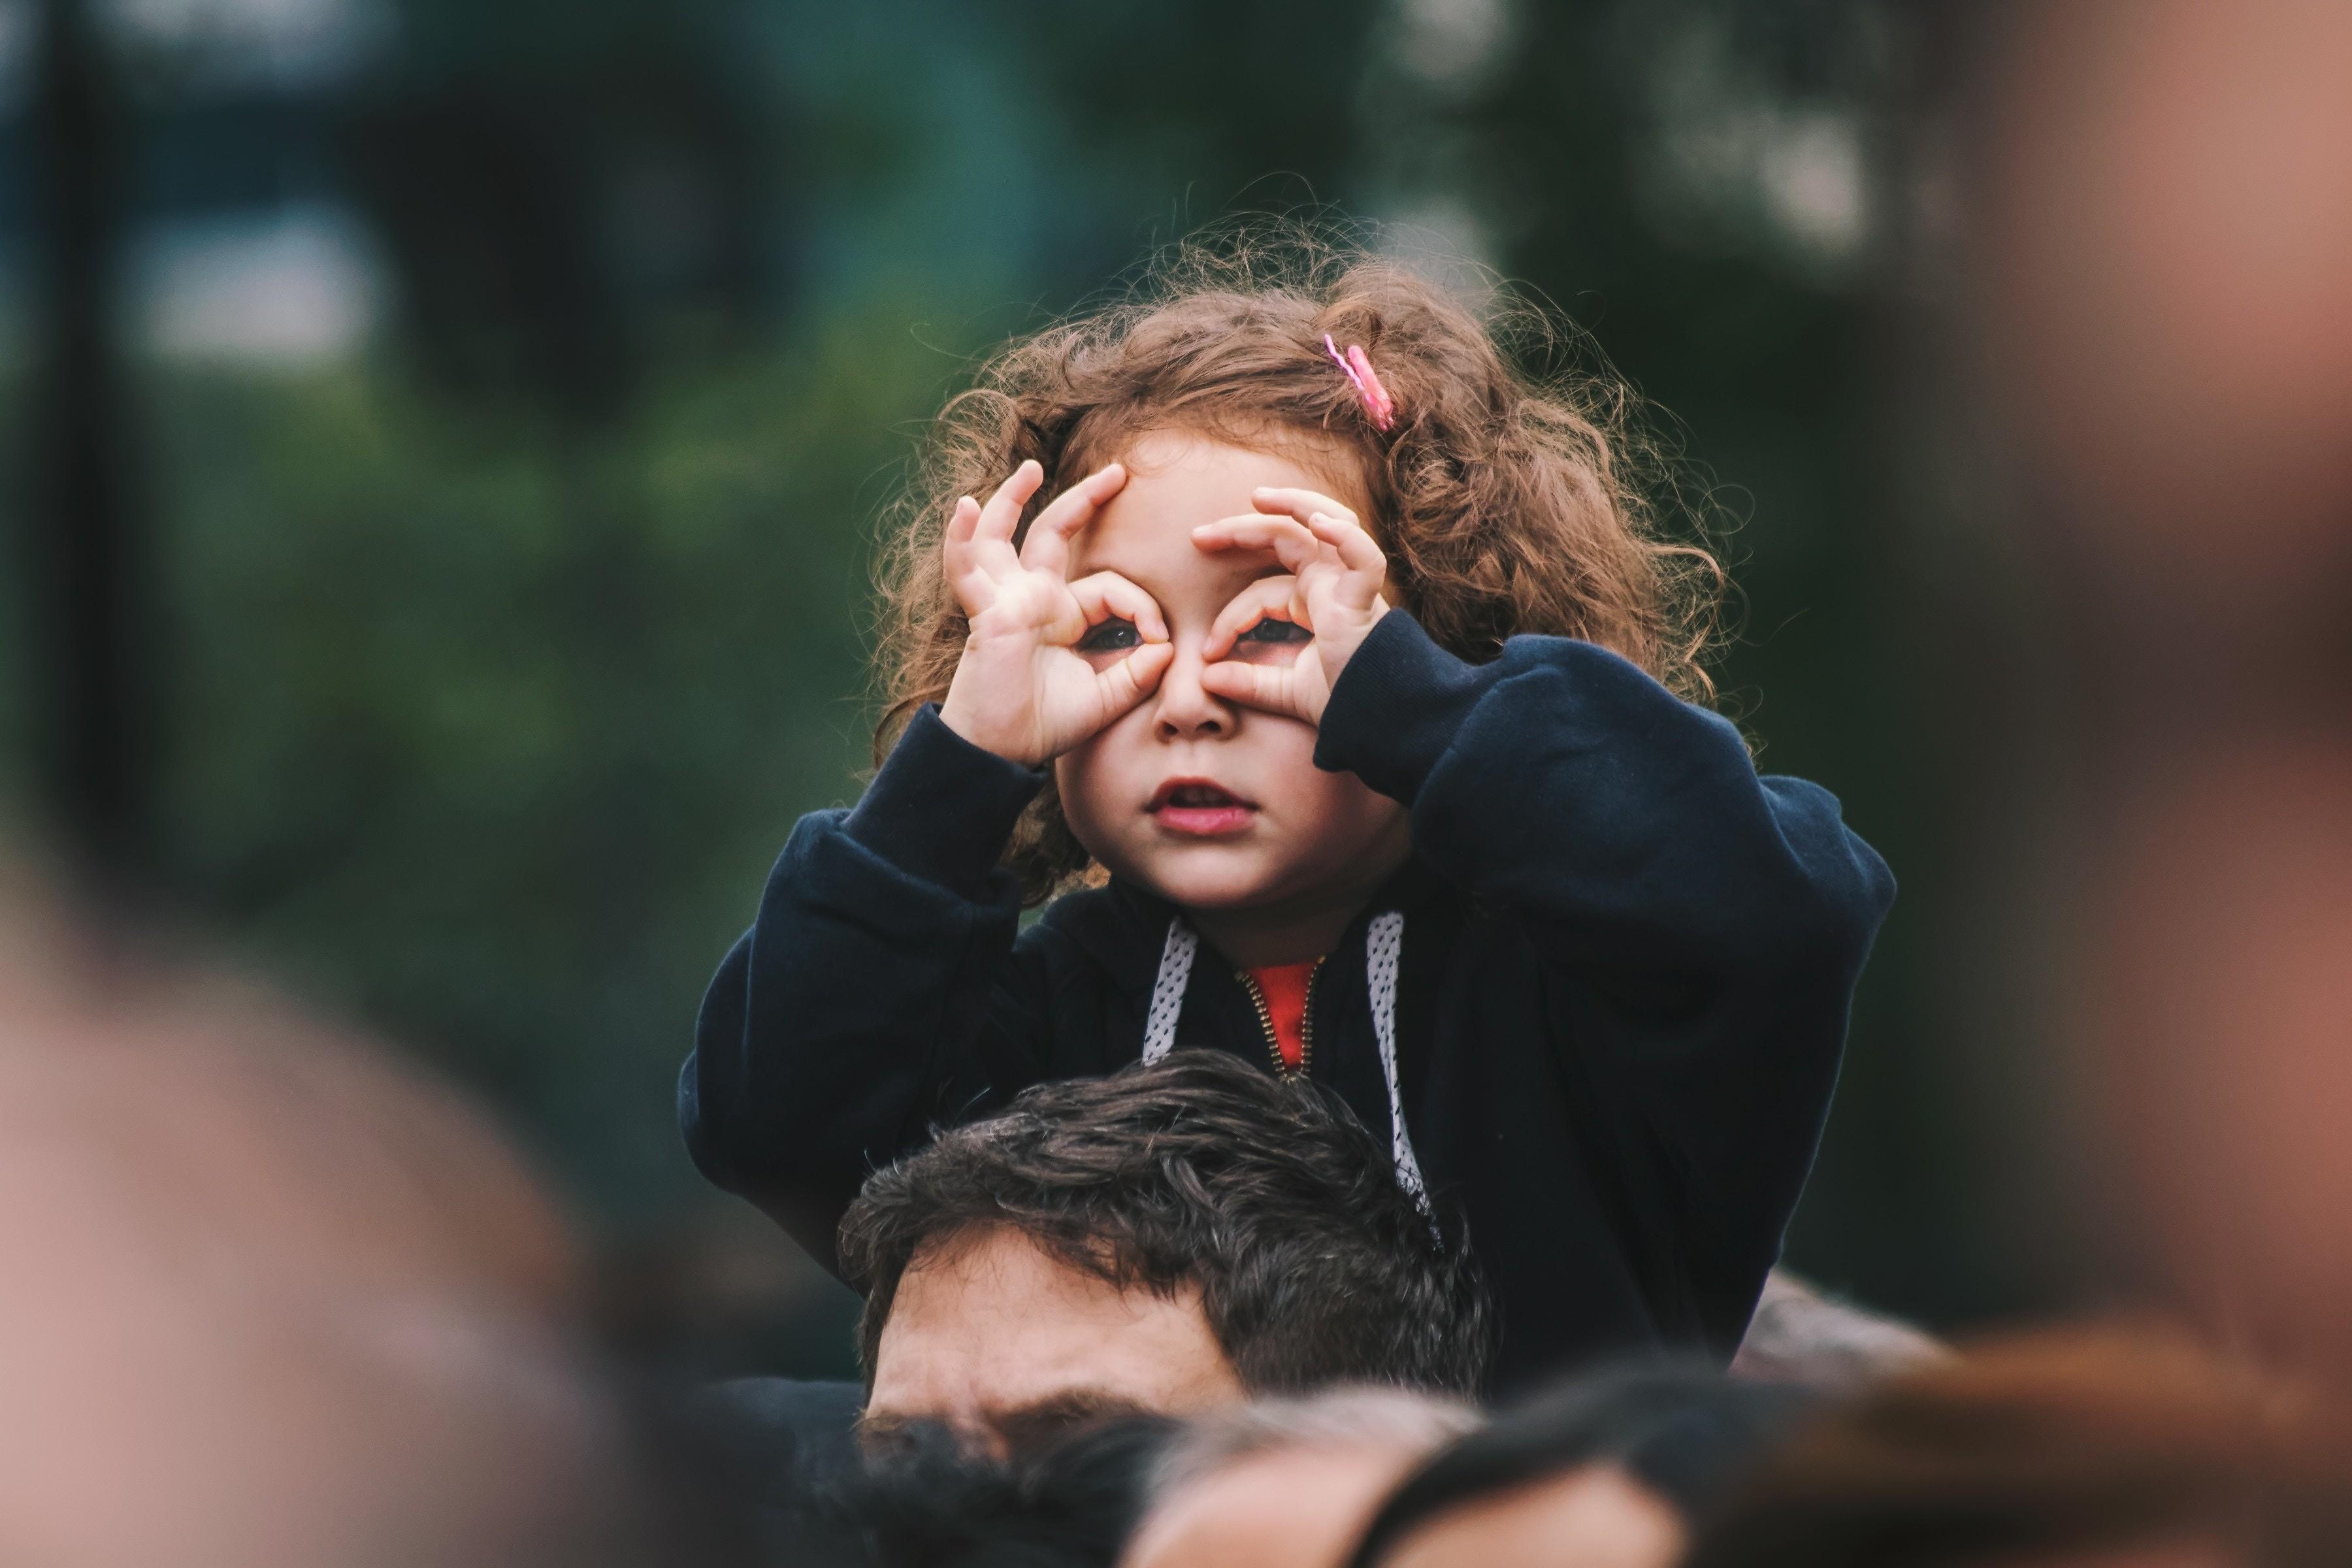 Что делать, если ребенок истерит (спойлер — наказывать не надо)